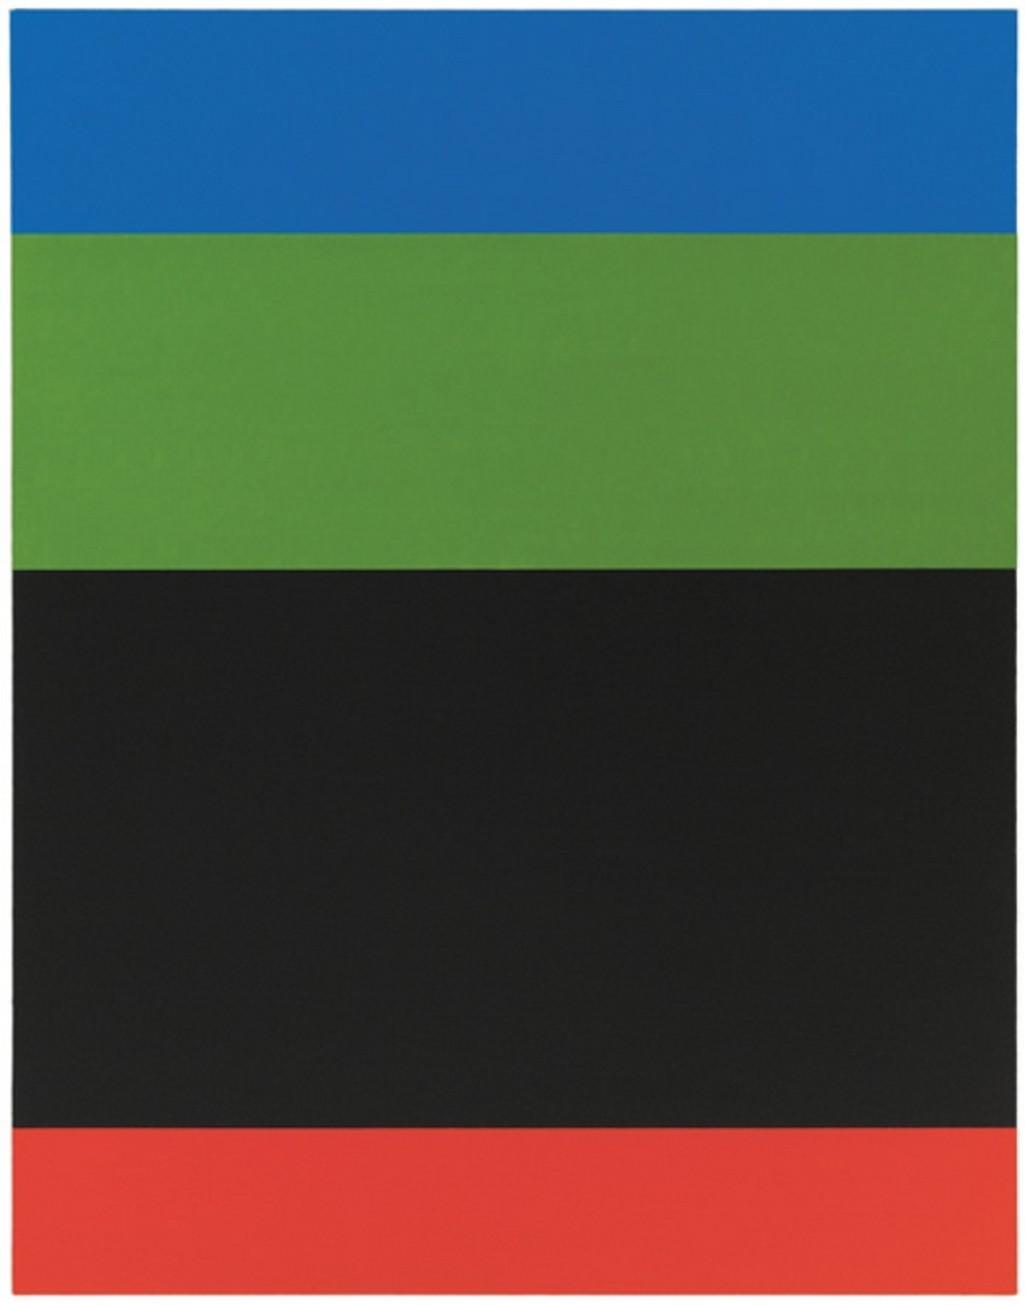 Eberhard Havekost / Copy (Kopie) 2, B13, 2013